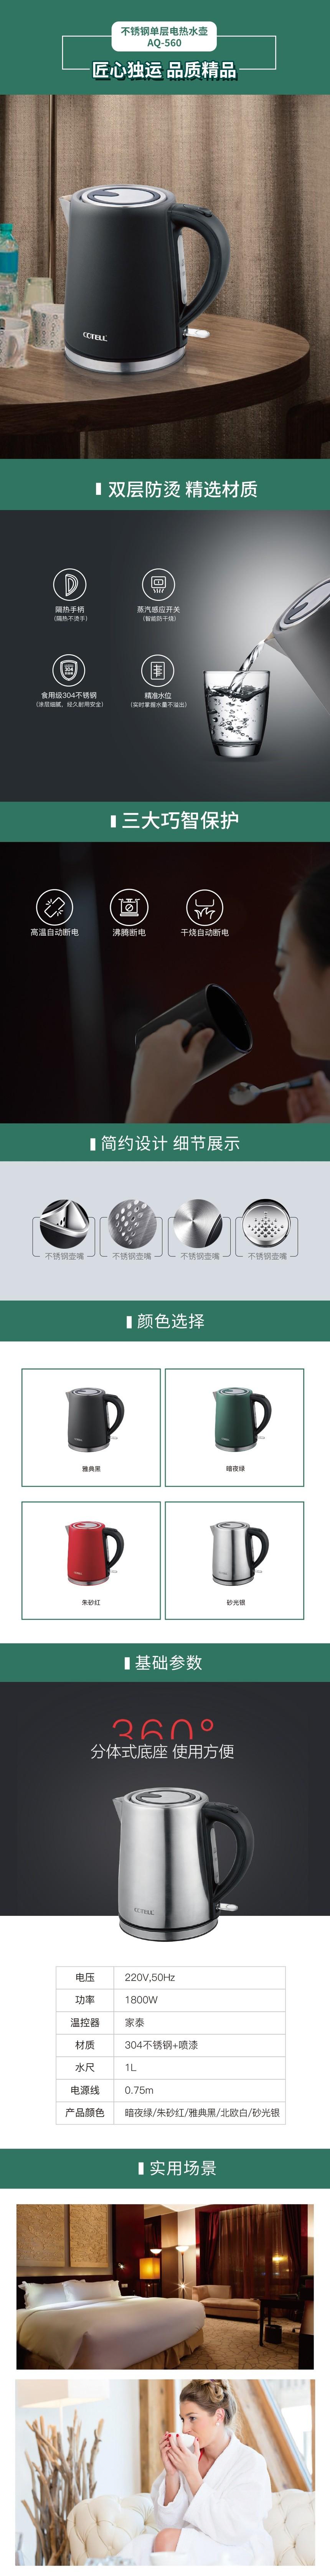 电热水壶详情页2.jpg